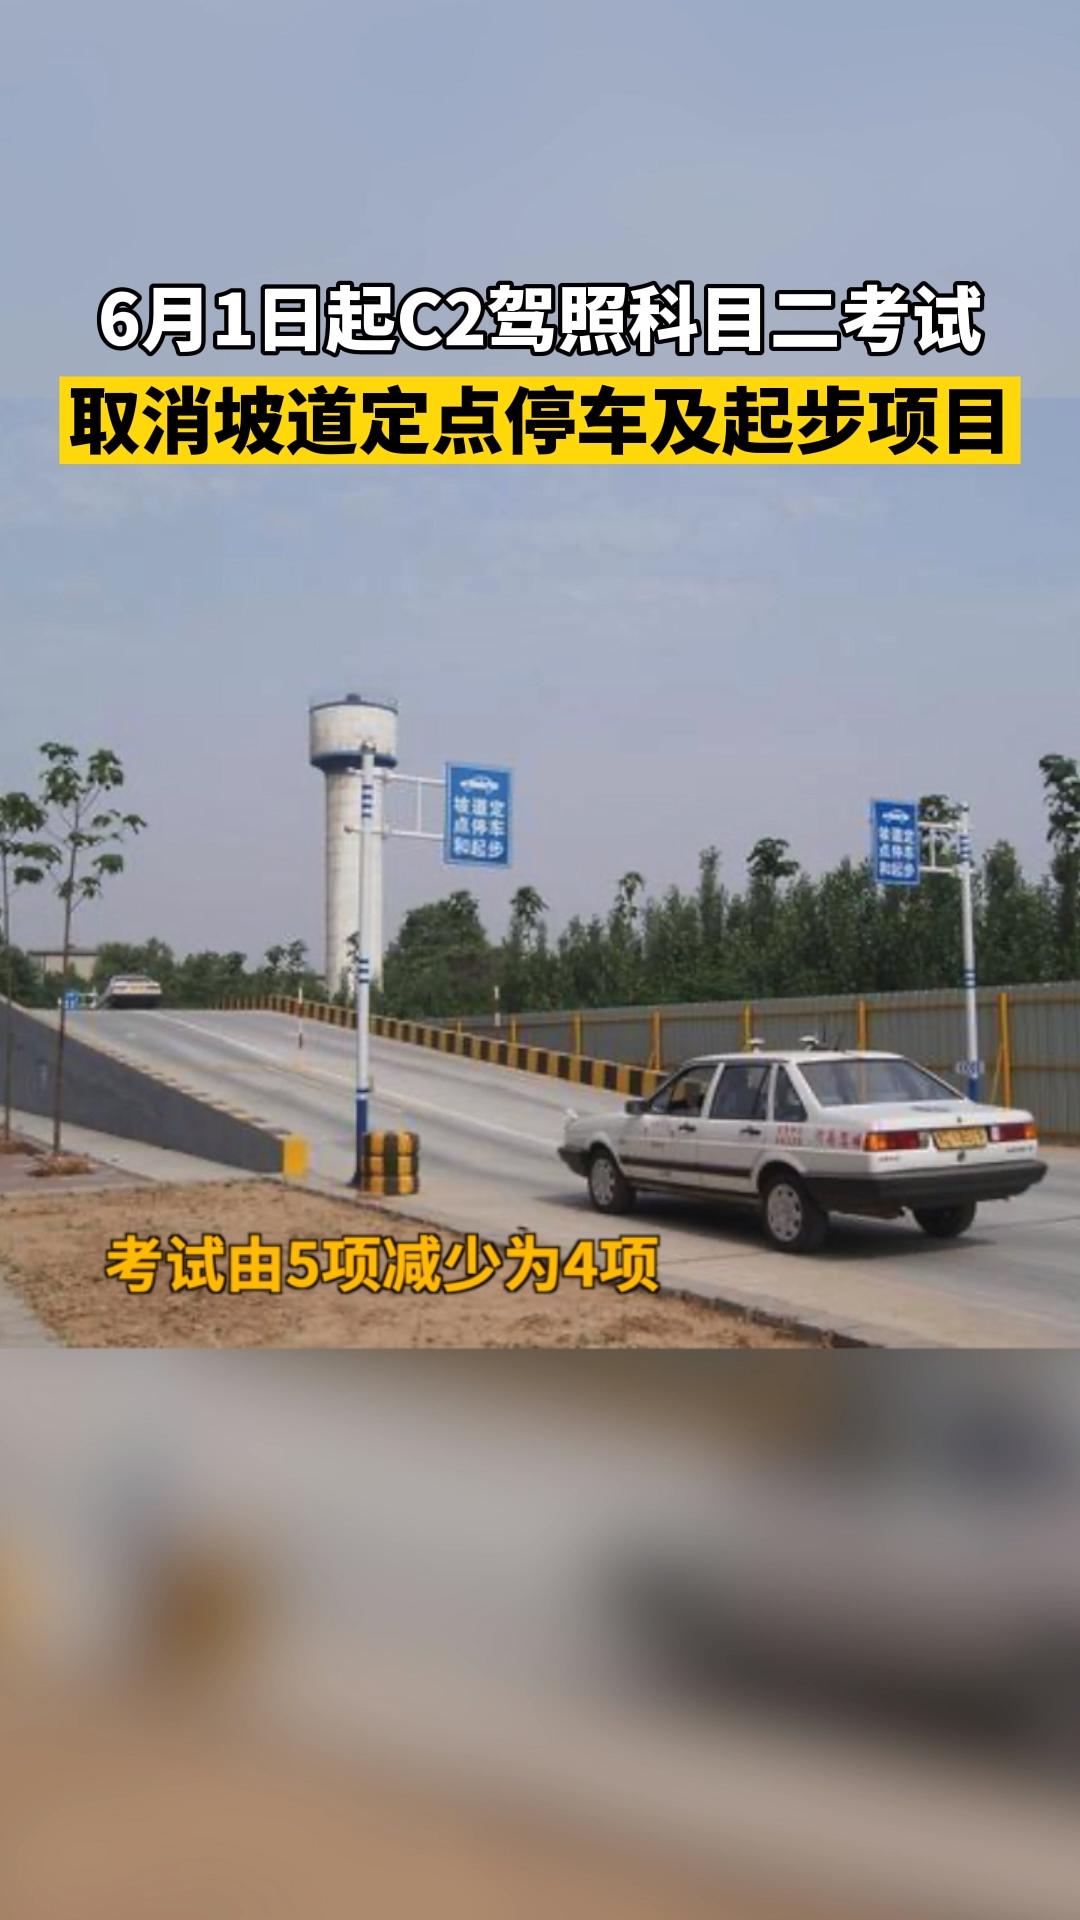 每日热搜: 自2021年6月1日起,全国小型自动挡汽车(C2)科目二考试,将取消坡道定点停车及起步项目